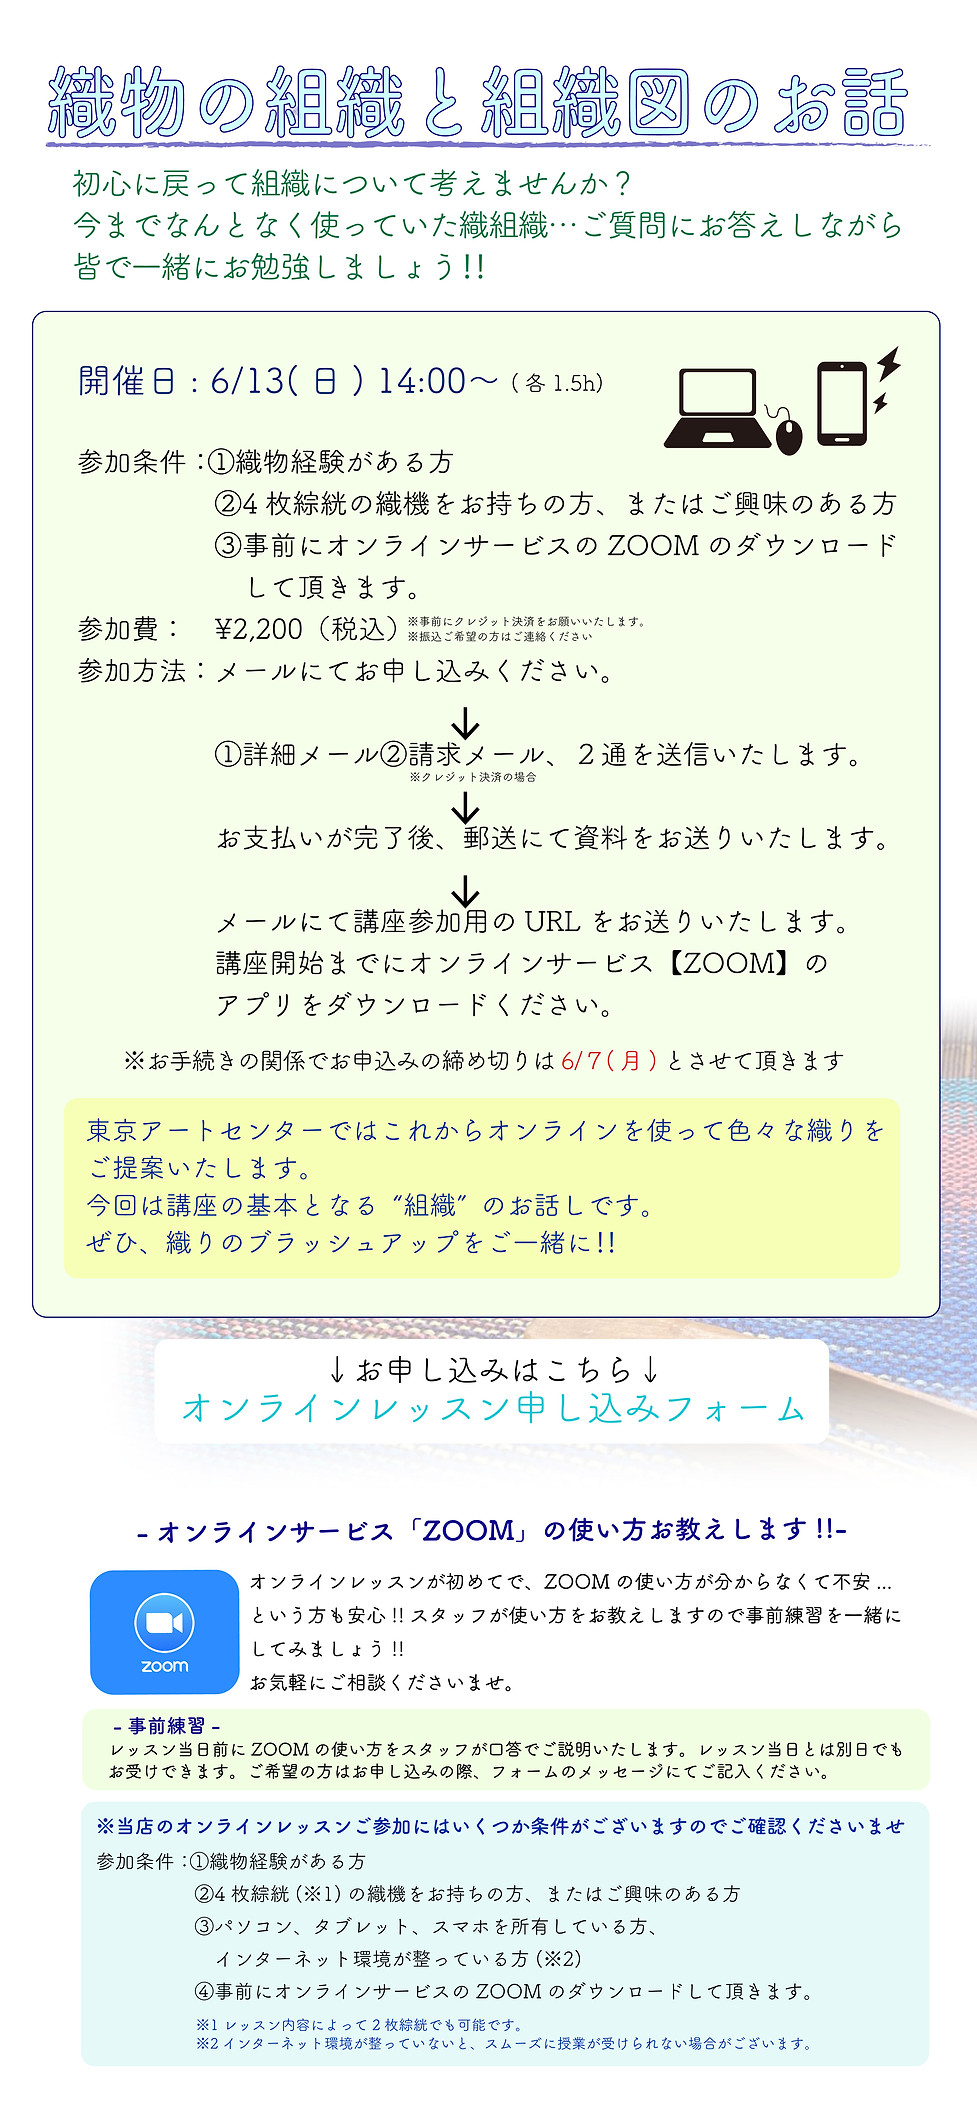 オンライン組織-02.jpg